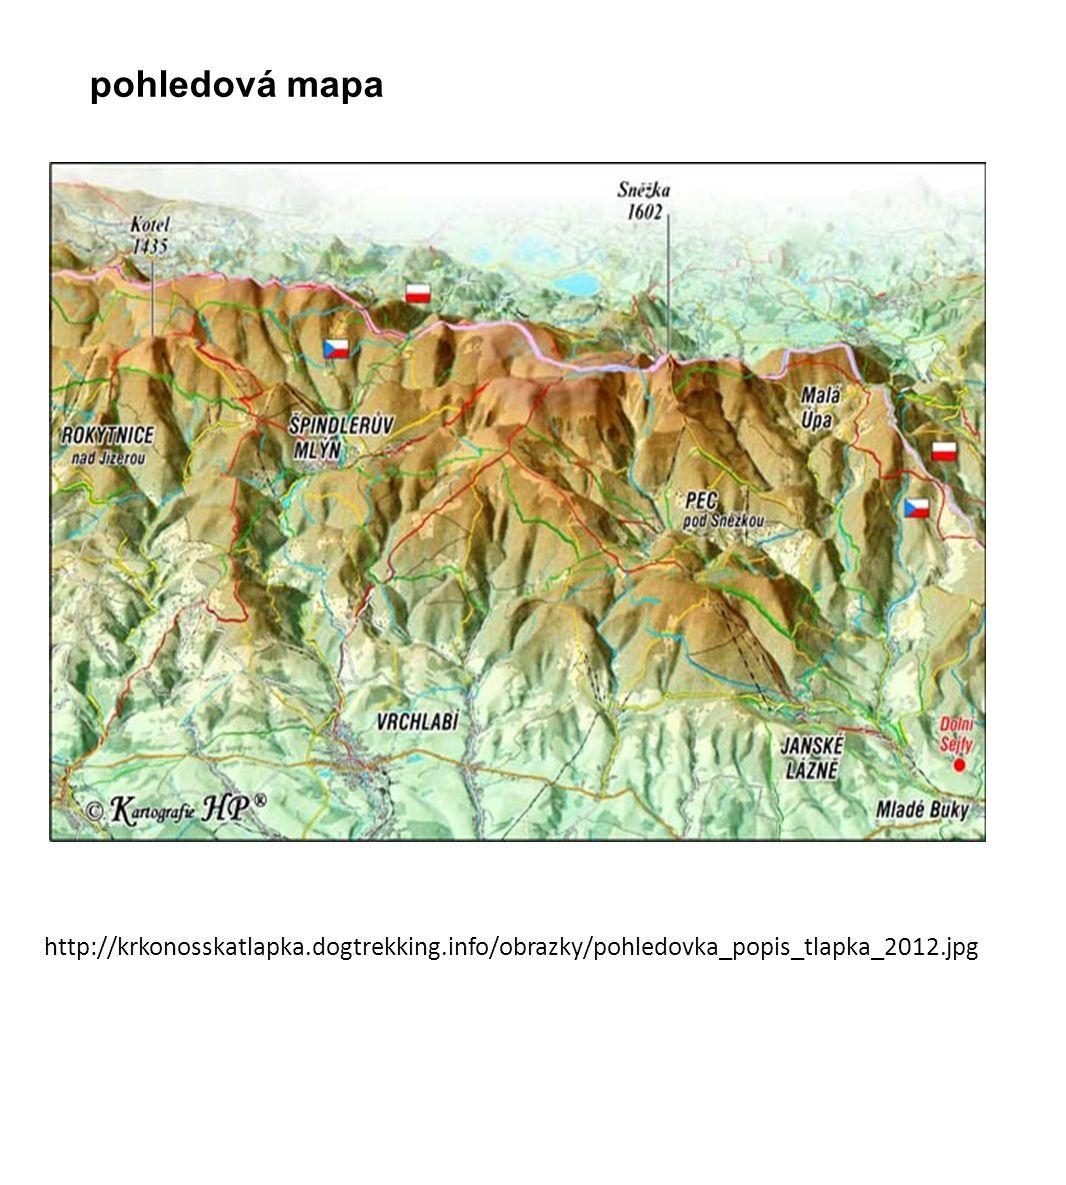 pohledová mapa http://krkonosskatlapka.dogtrekking.info/obrazky/pohledovka_popis_tlapka_2012.jpg